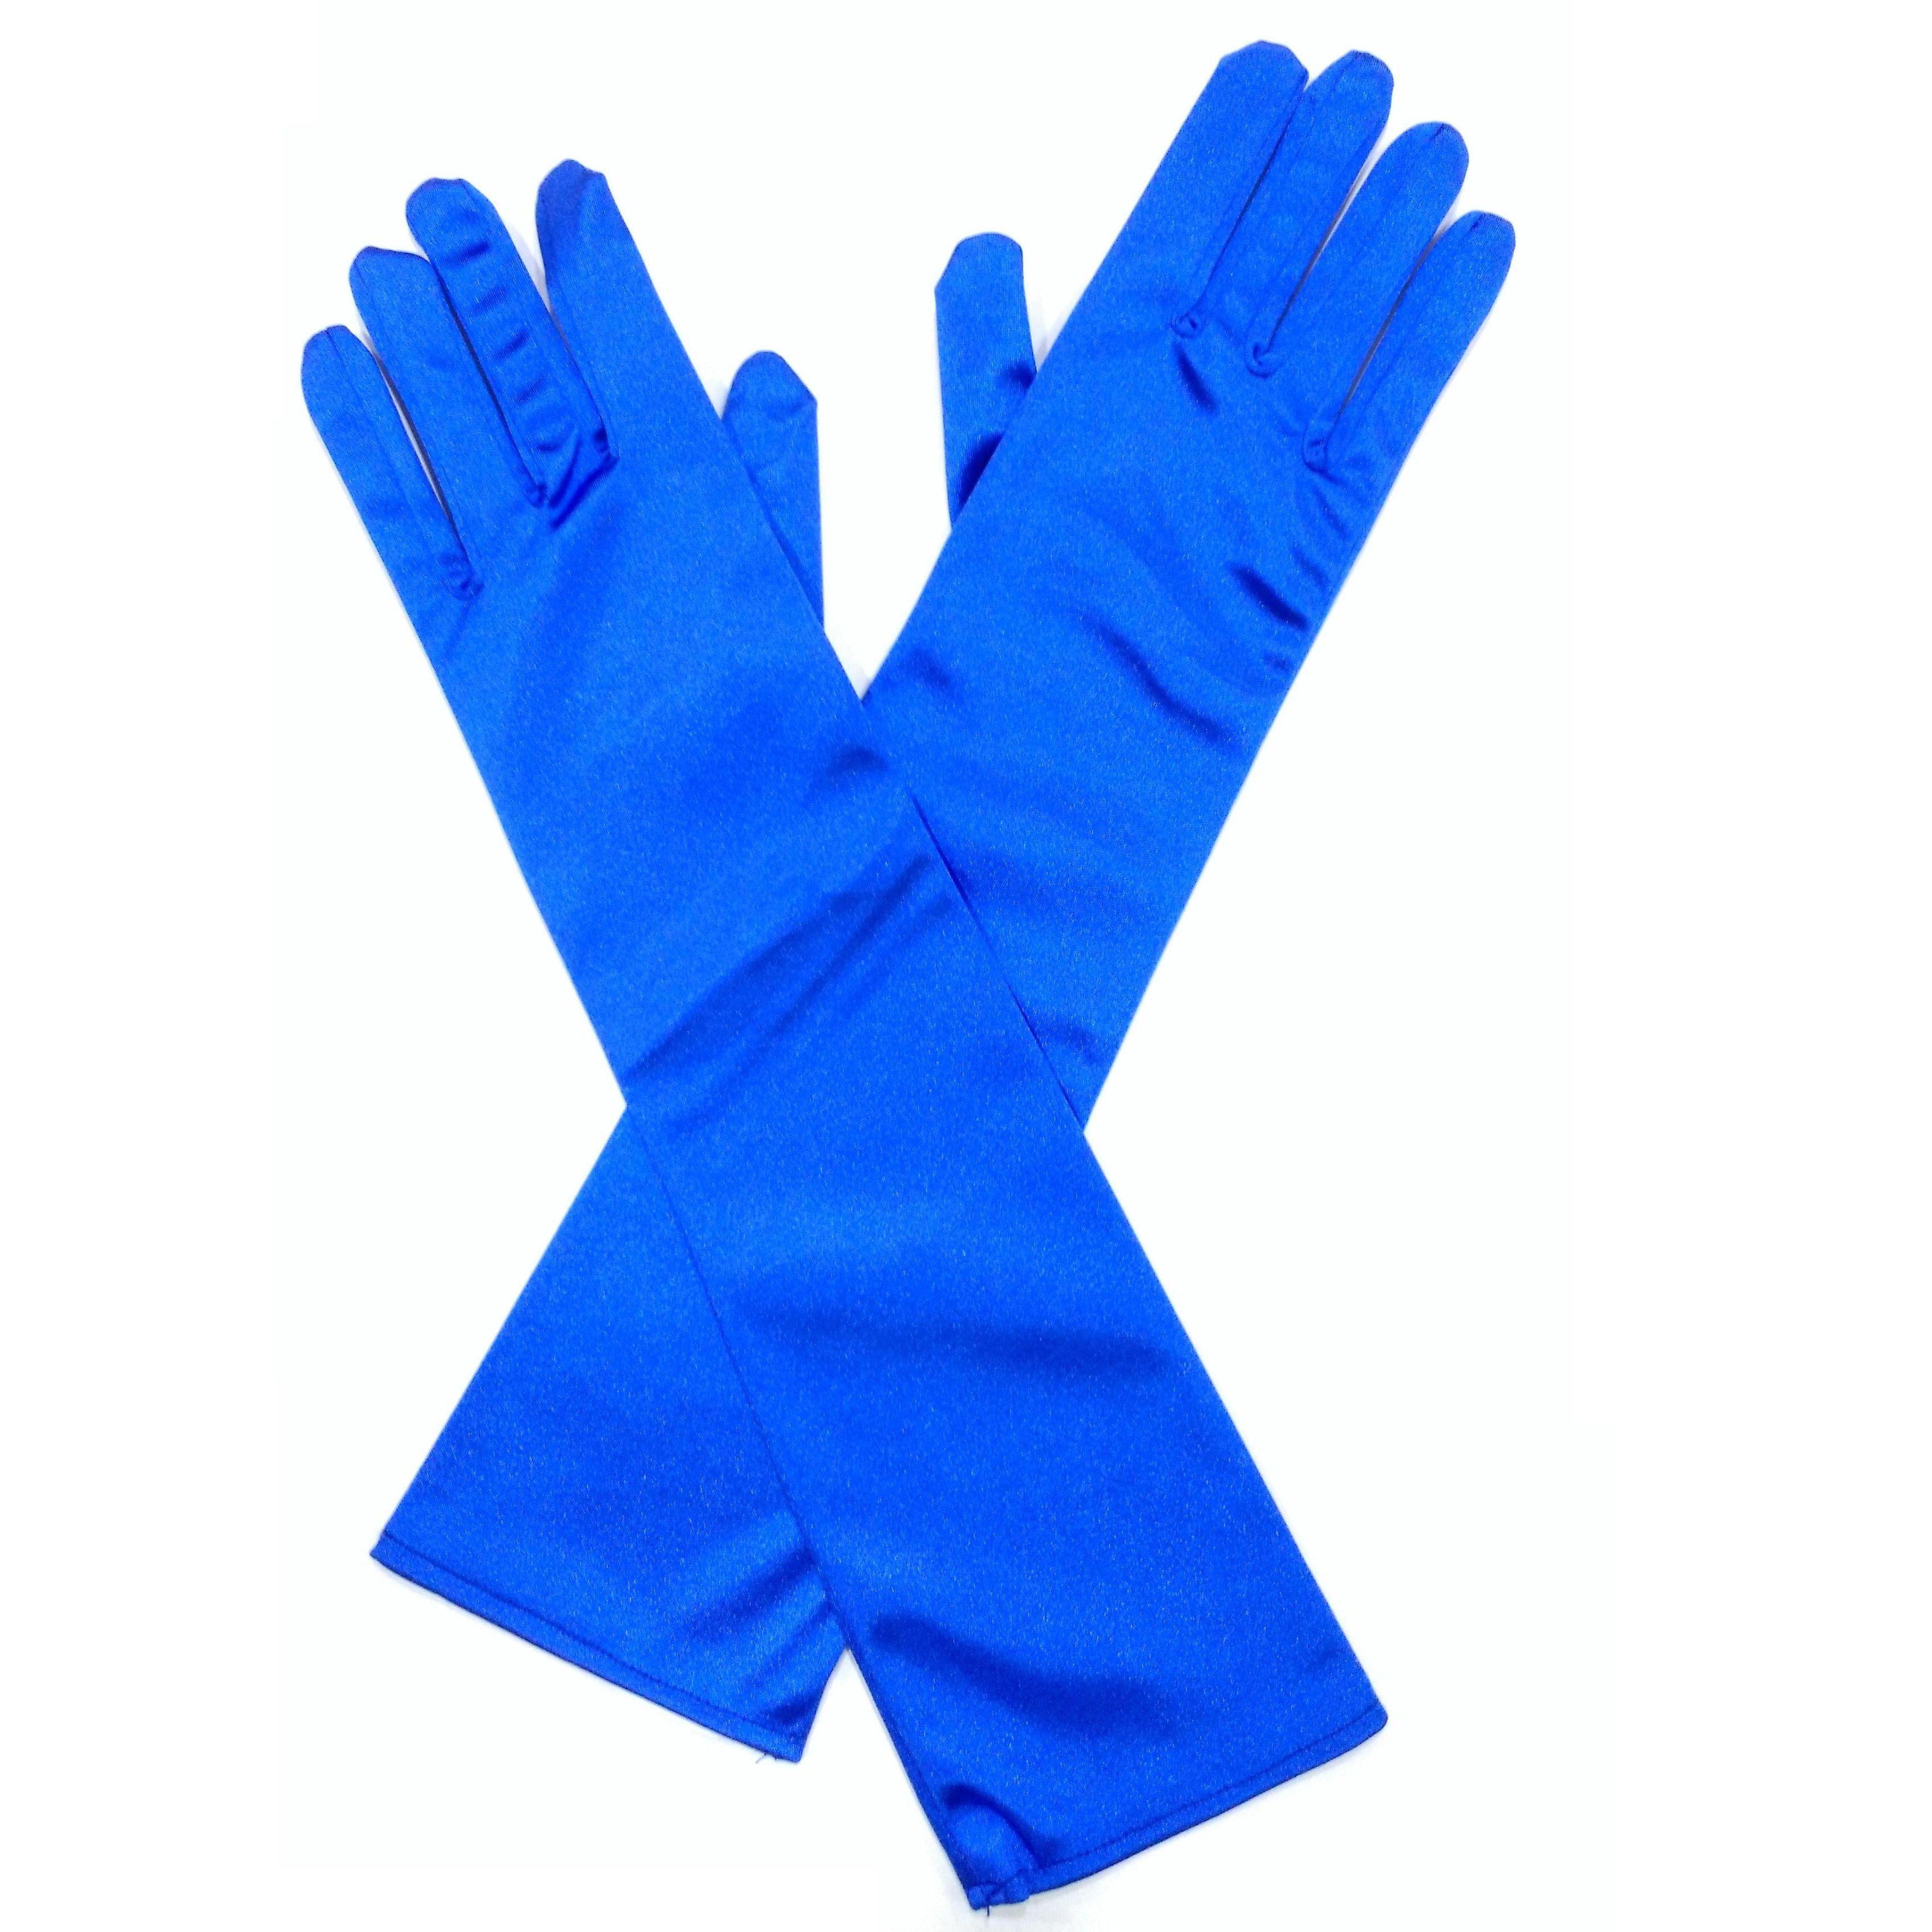 Guantes fiesta azul klein